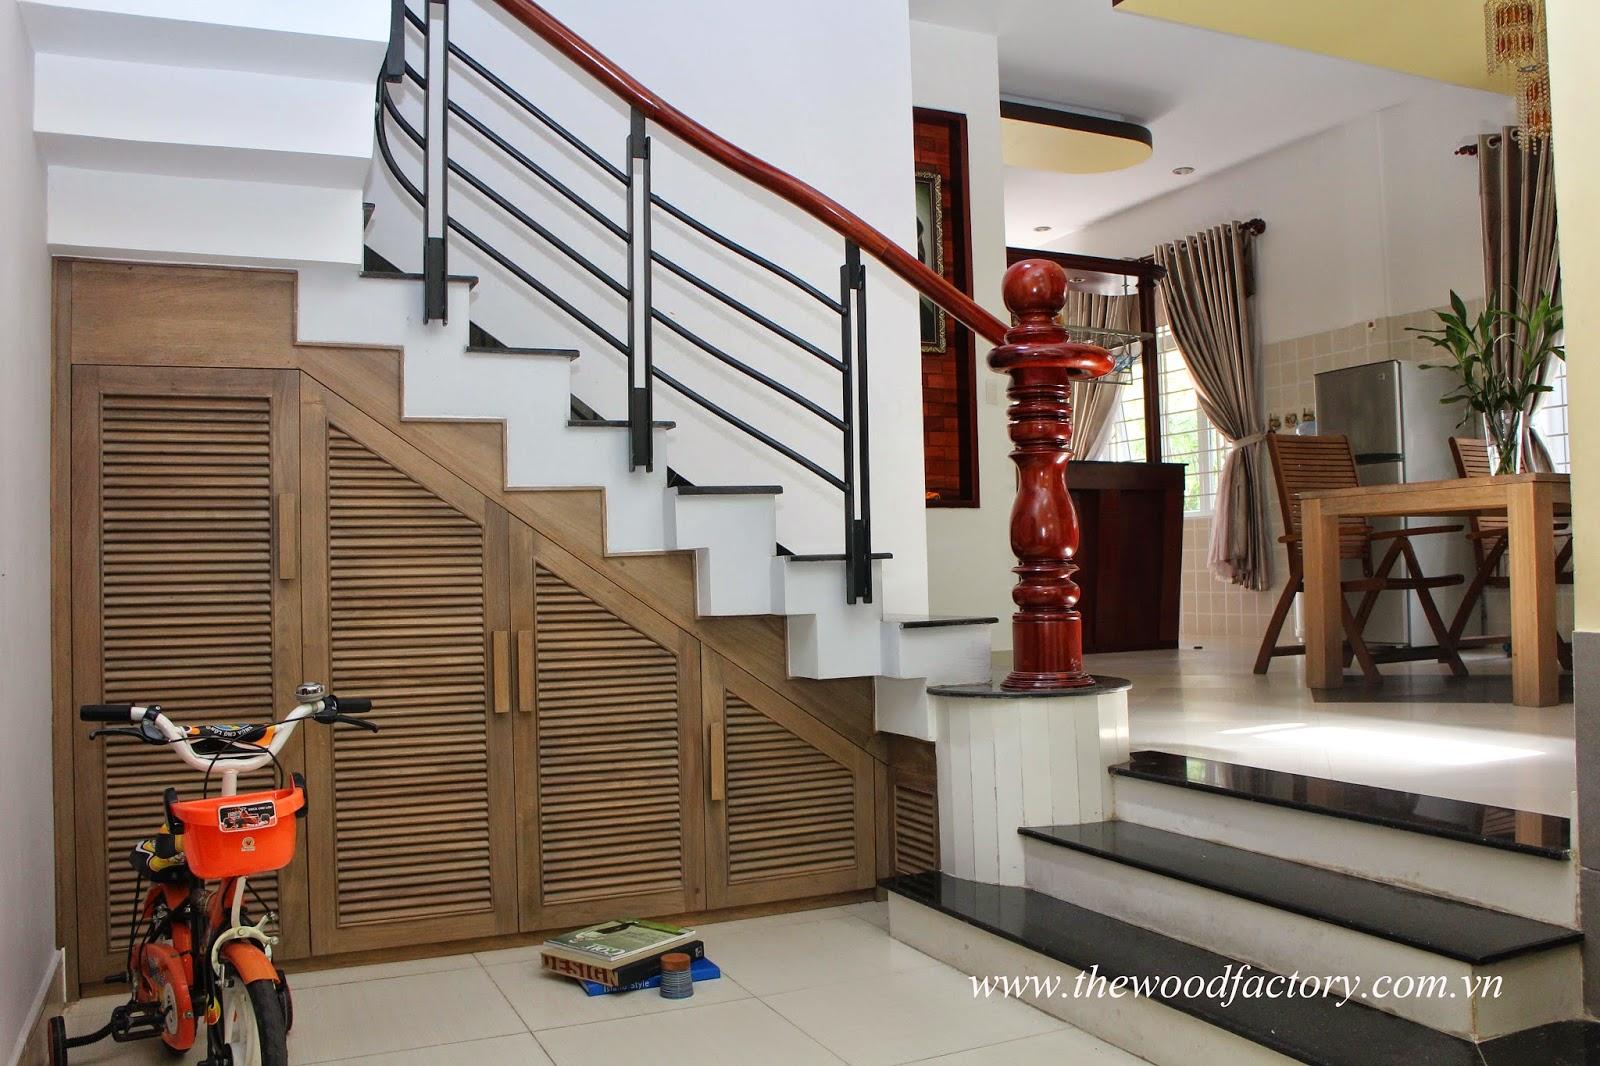 Nội thất gỗ tự nhiên tối giản-đẳng cấp-hiện đại